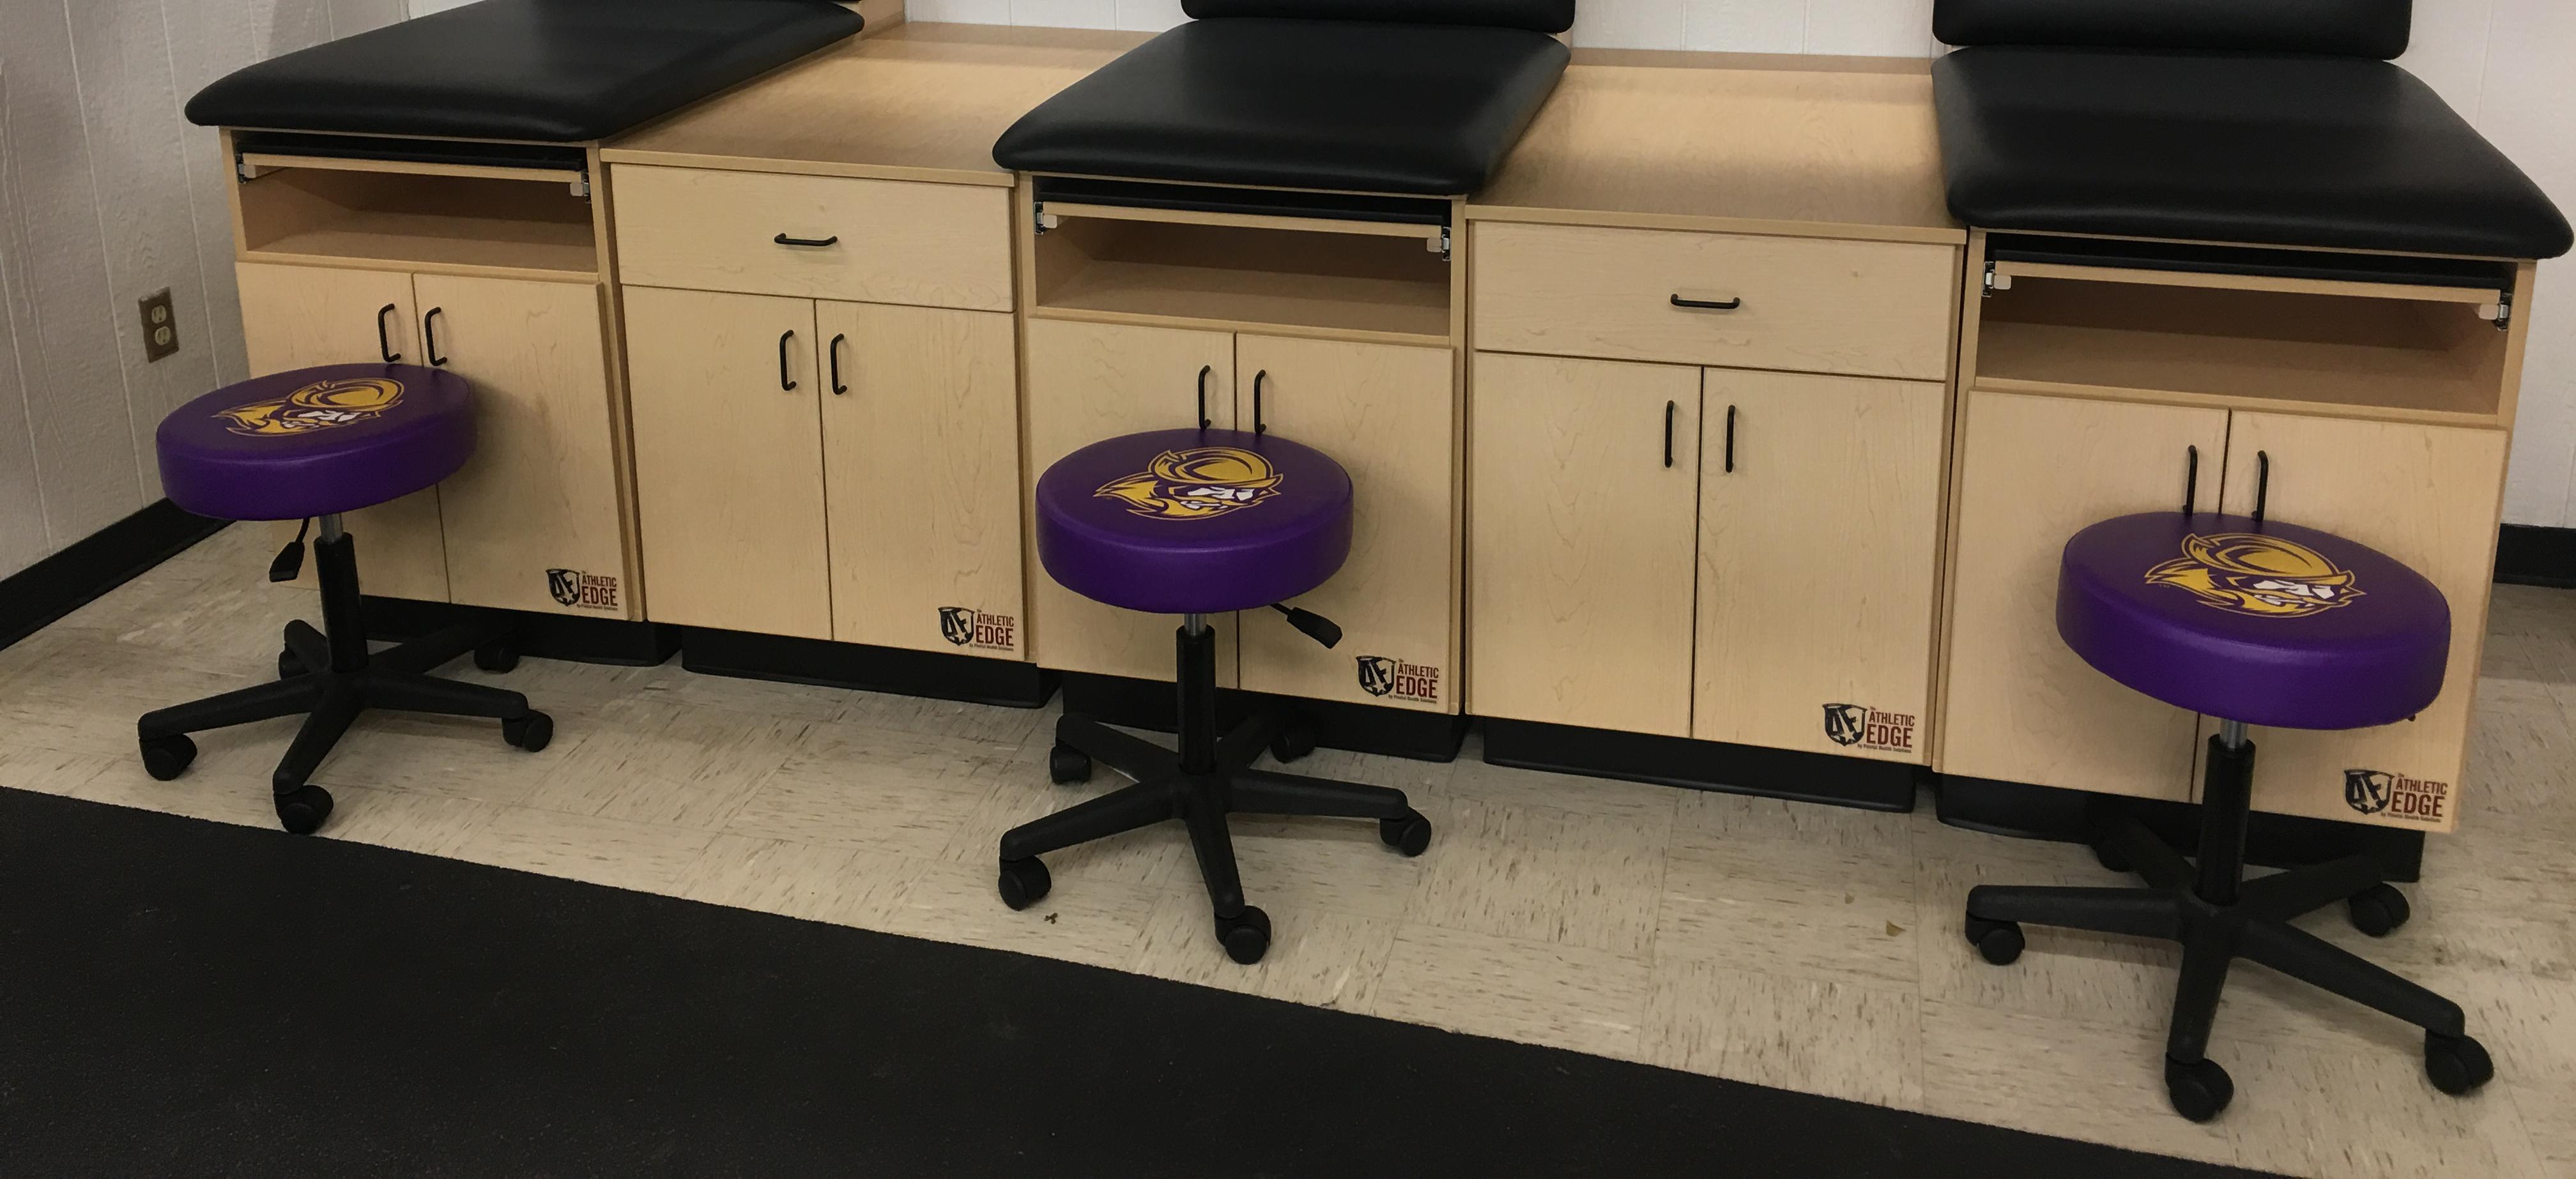 stools_header2.png